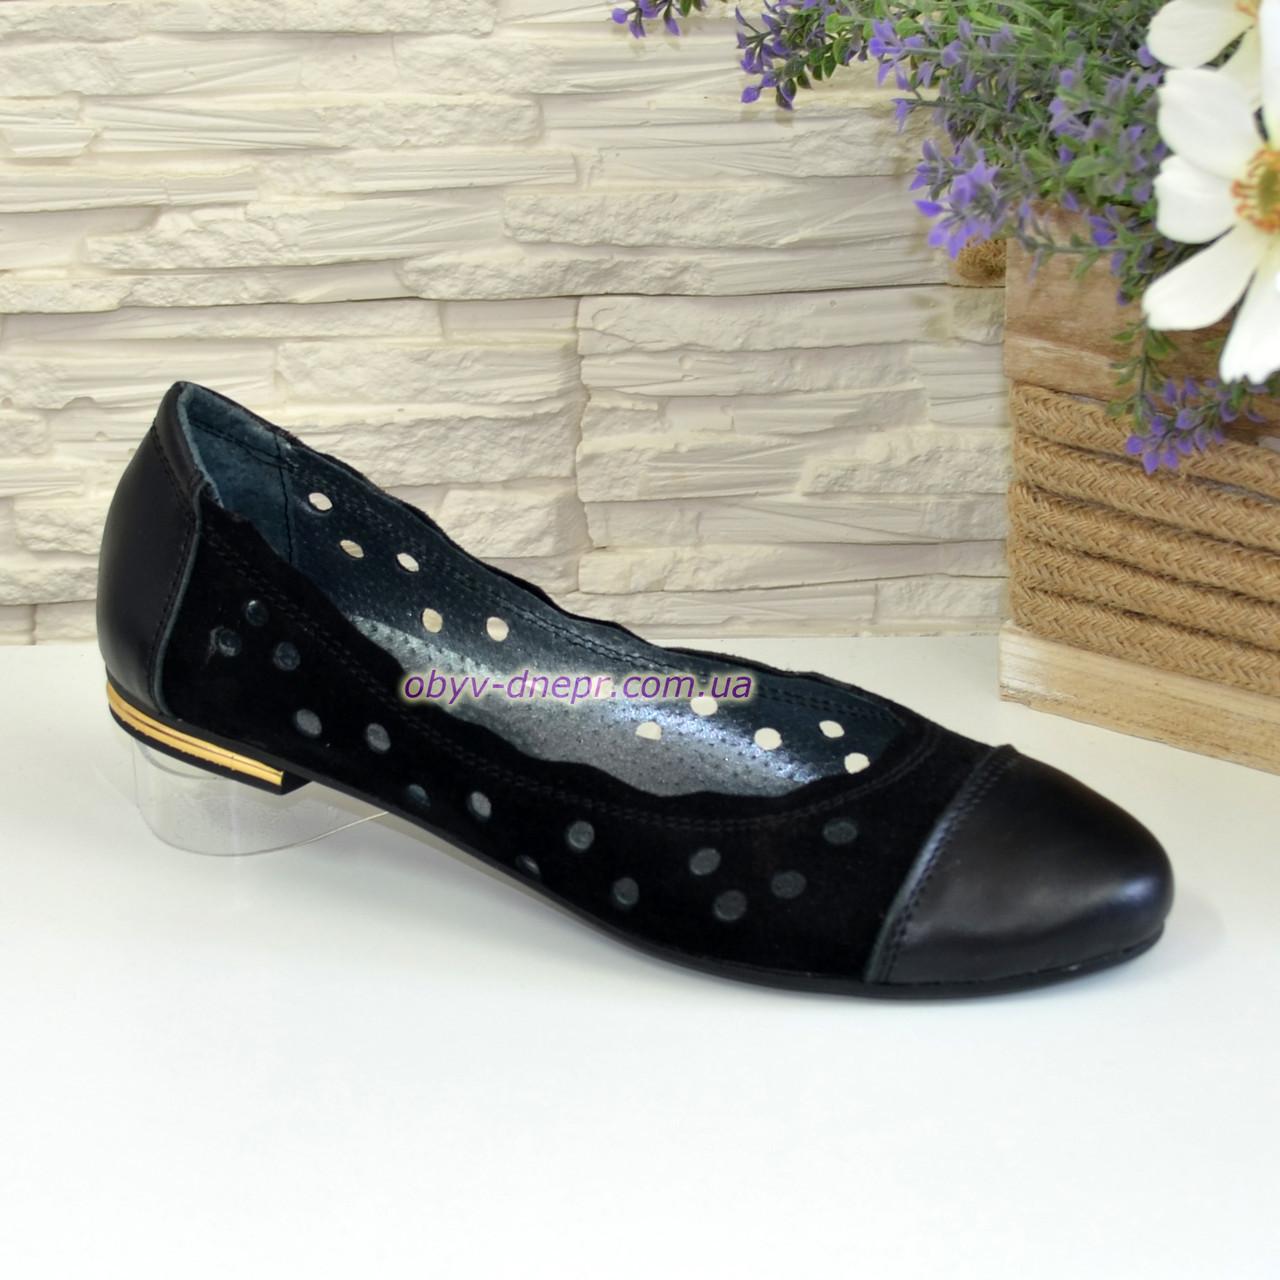 Туфли женские черного цвета, натуральная кожа и замша